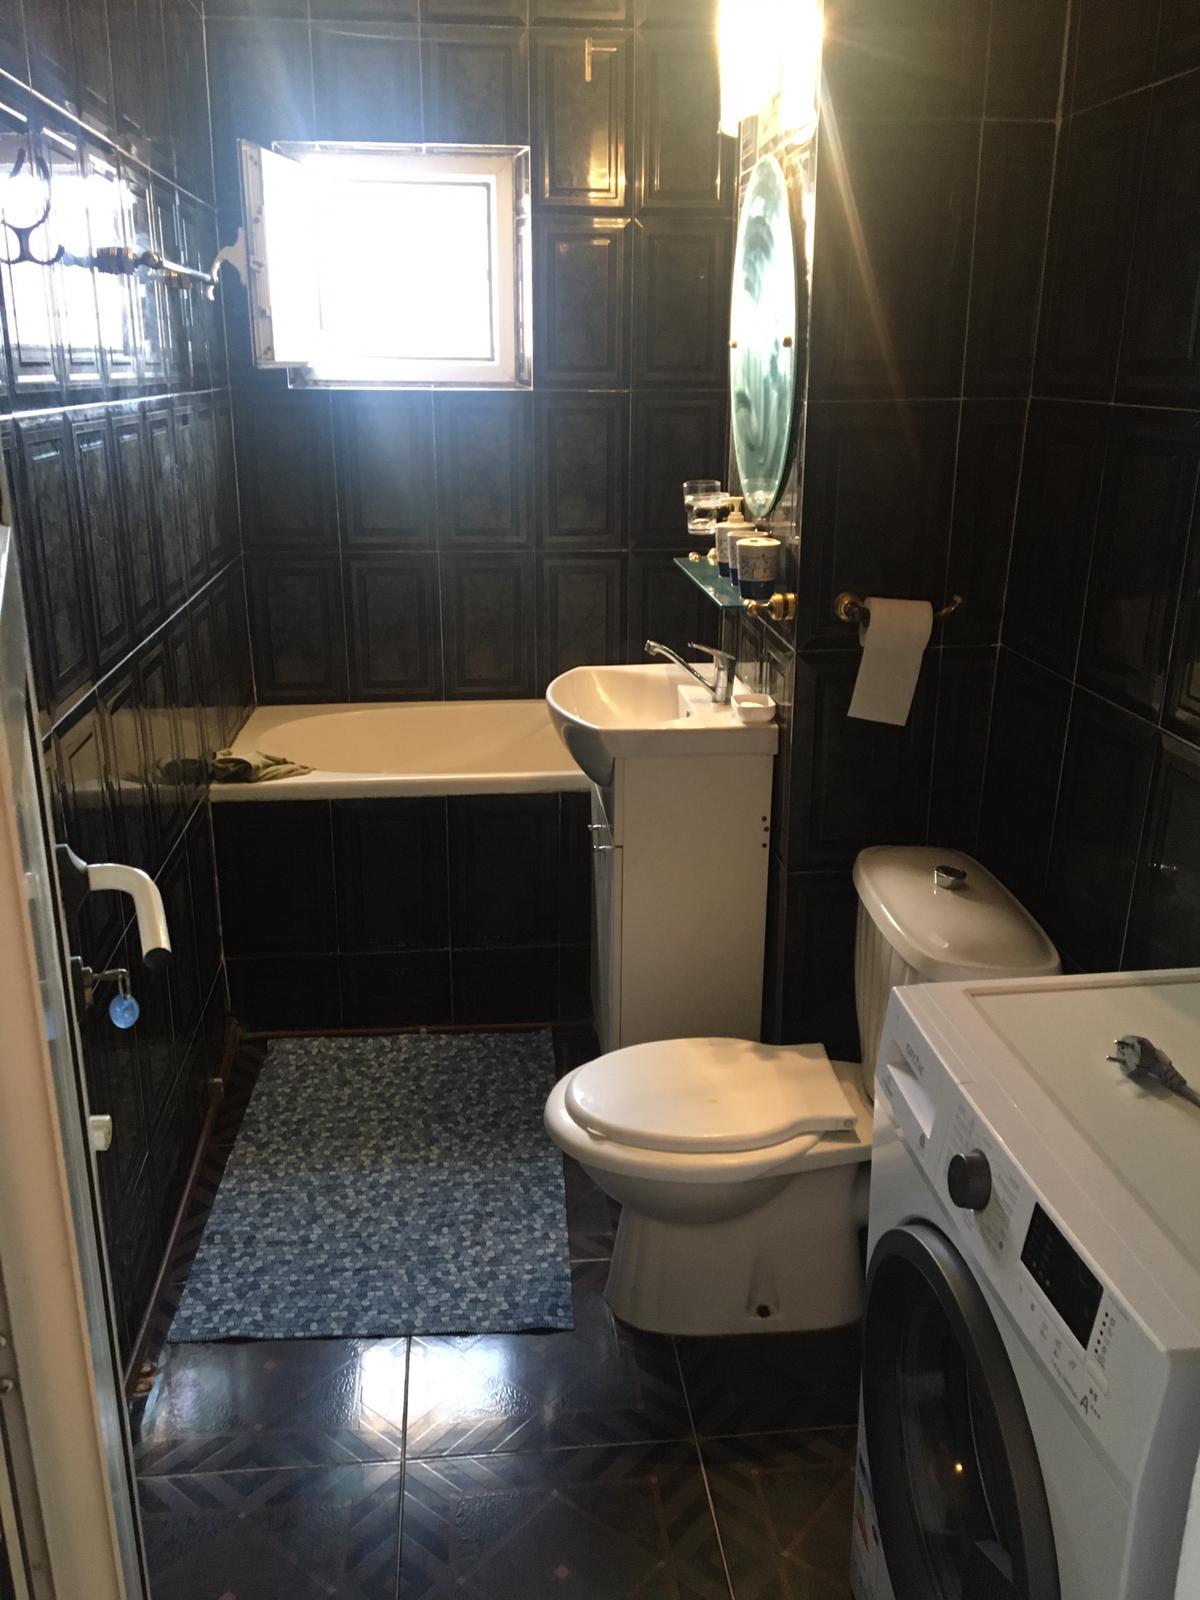 Inchiriere apartament 3 camere, micro 8 Targoviste